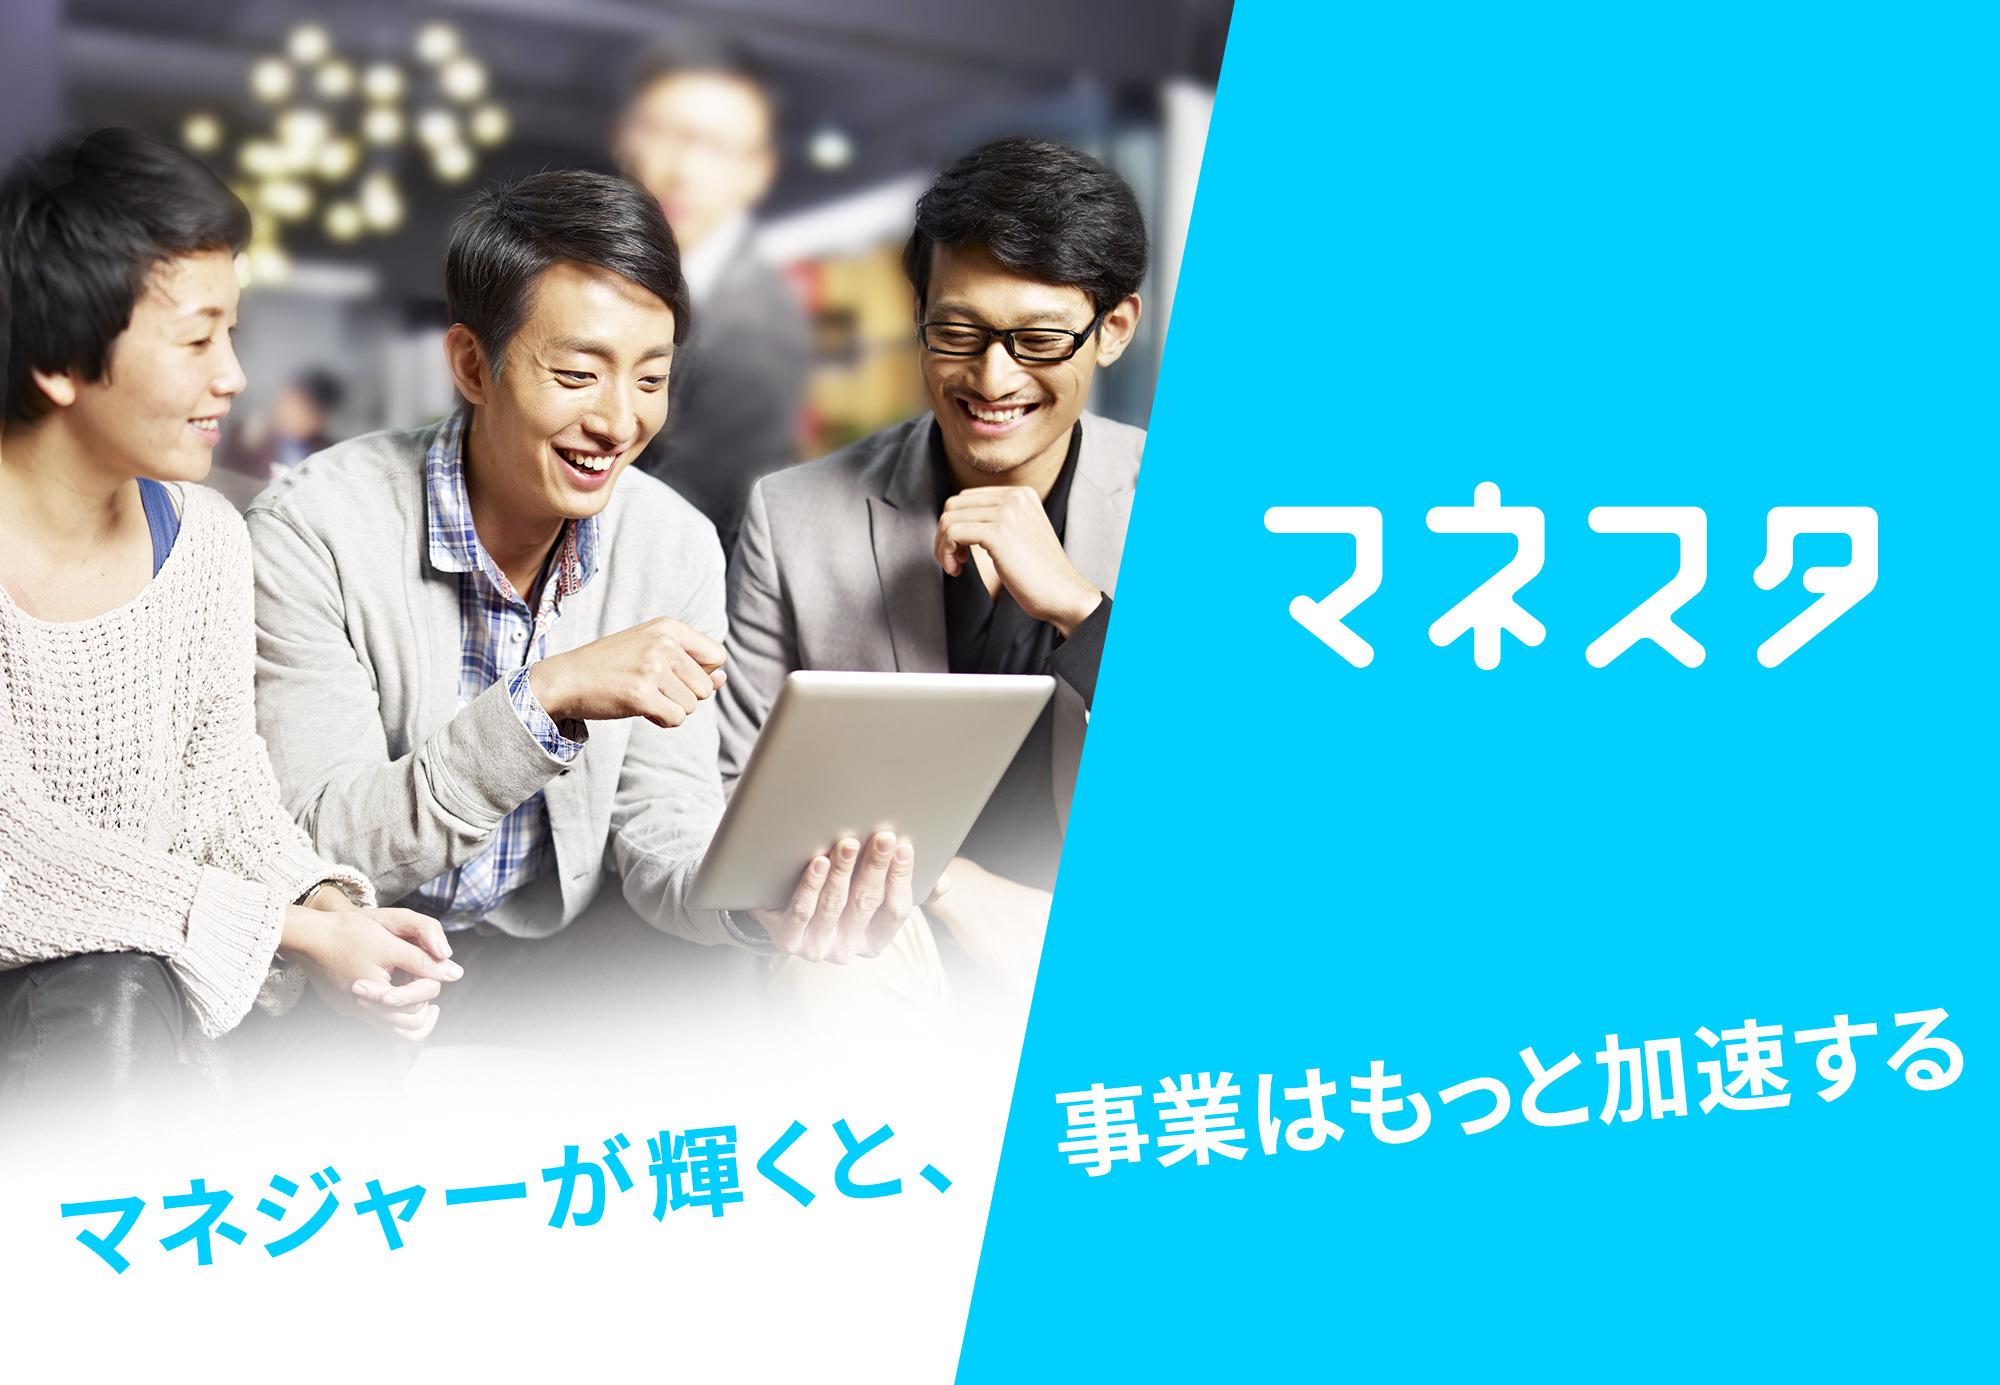 成長企業向けモバイル・データ活用伴走型「マネジメント研修」マネスタ